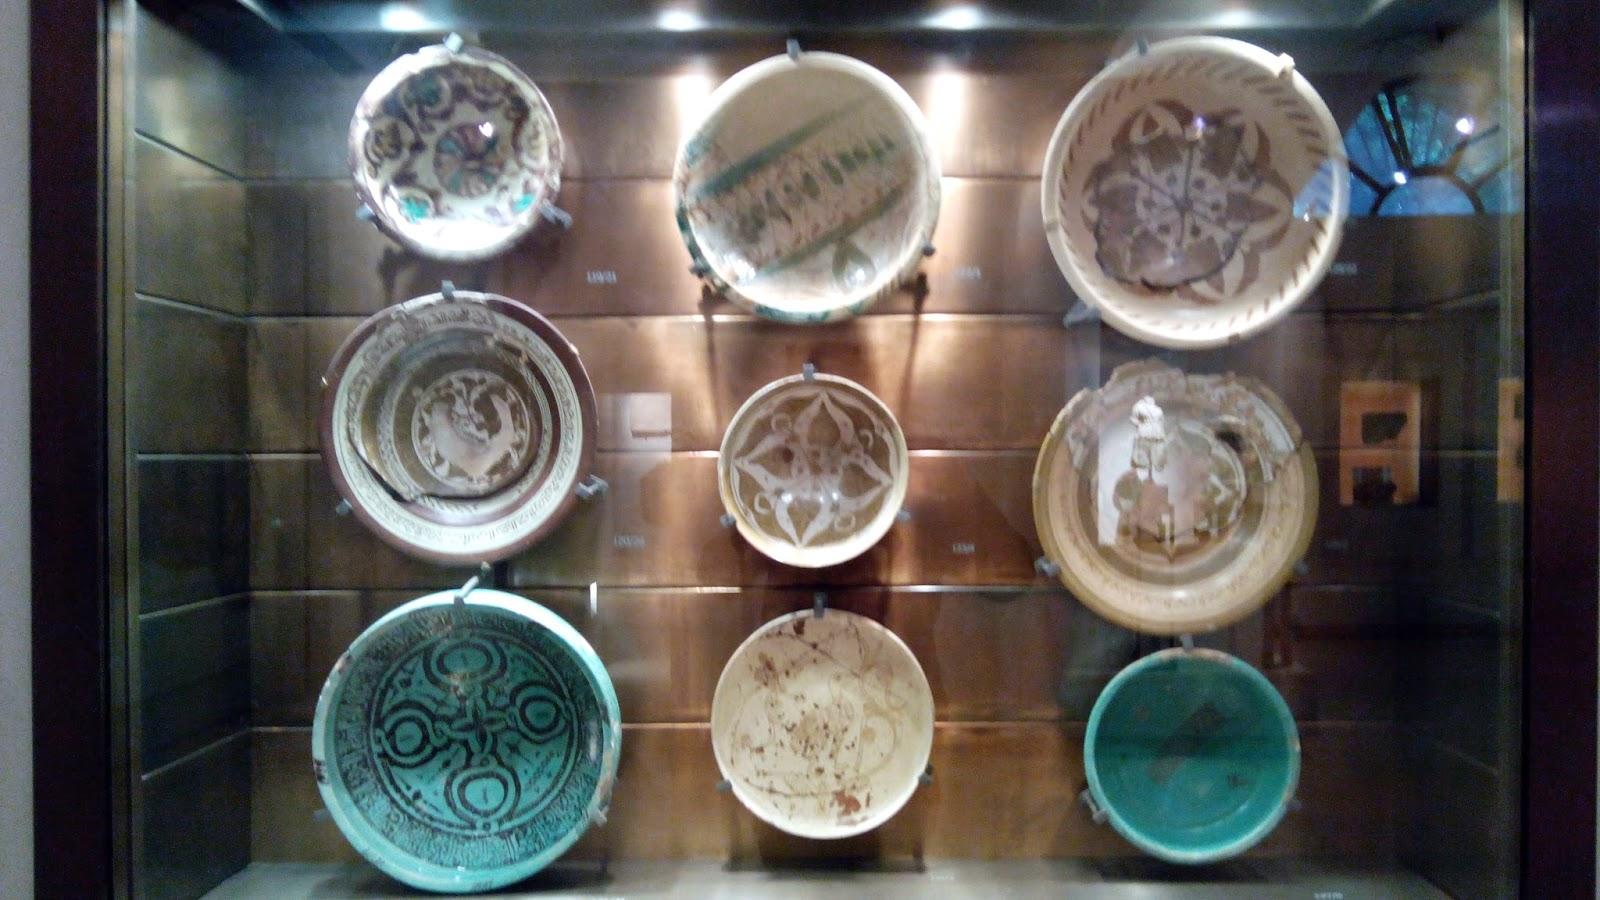 Maravilhosos bacini, decoração em cerâmica policromática de campanários